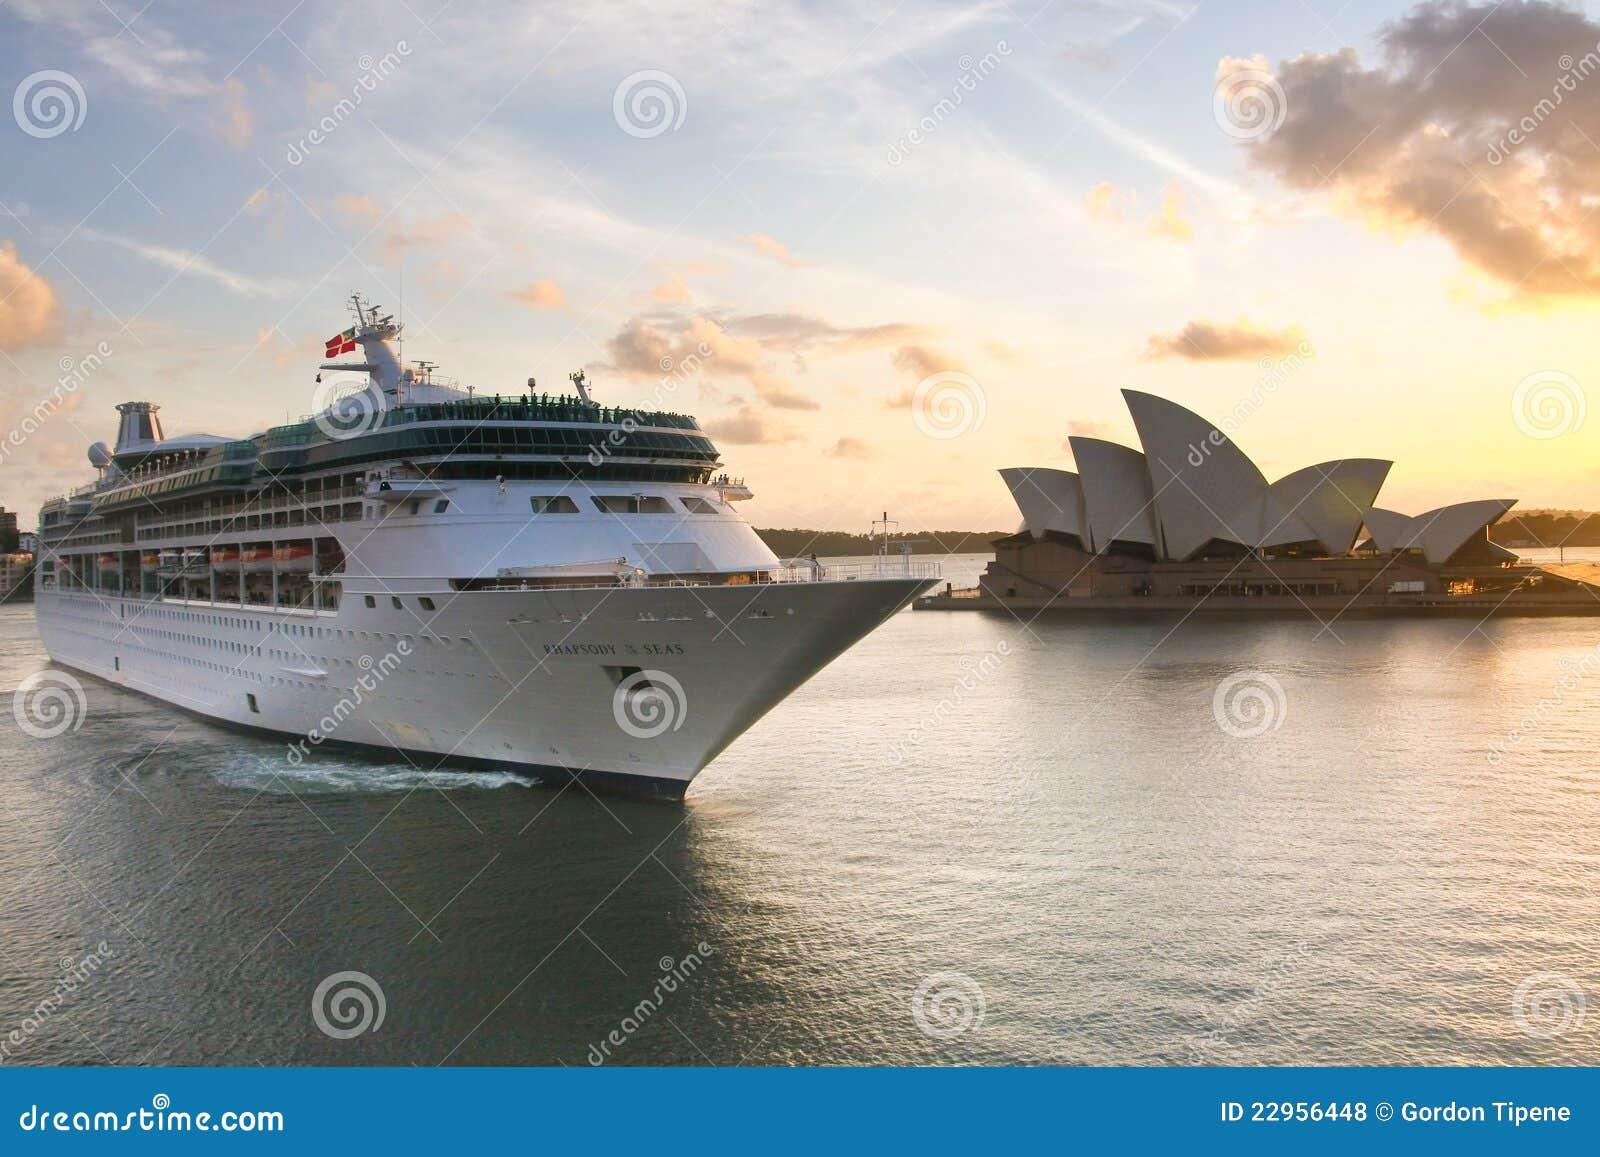 Rapsodia del barco de cruceros de los mares en Sydney.